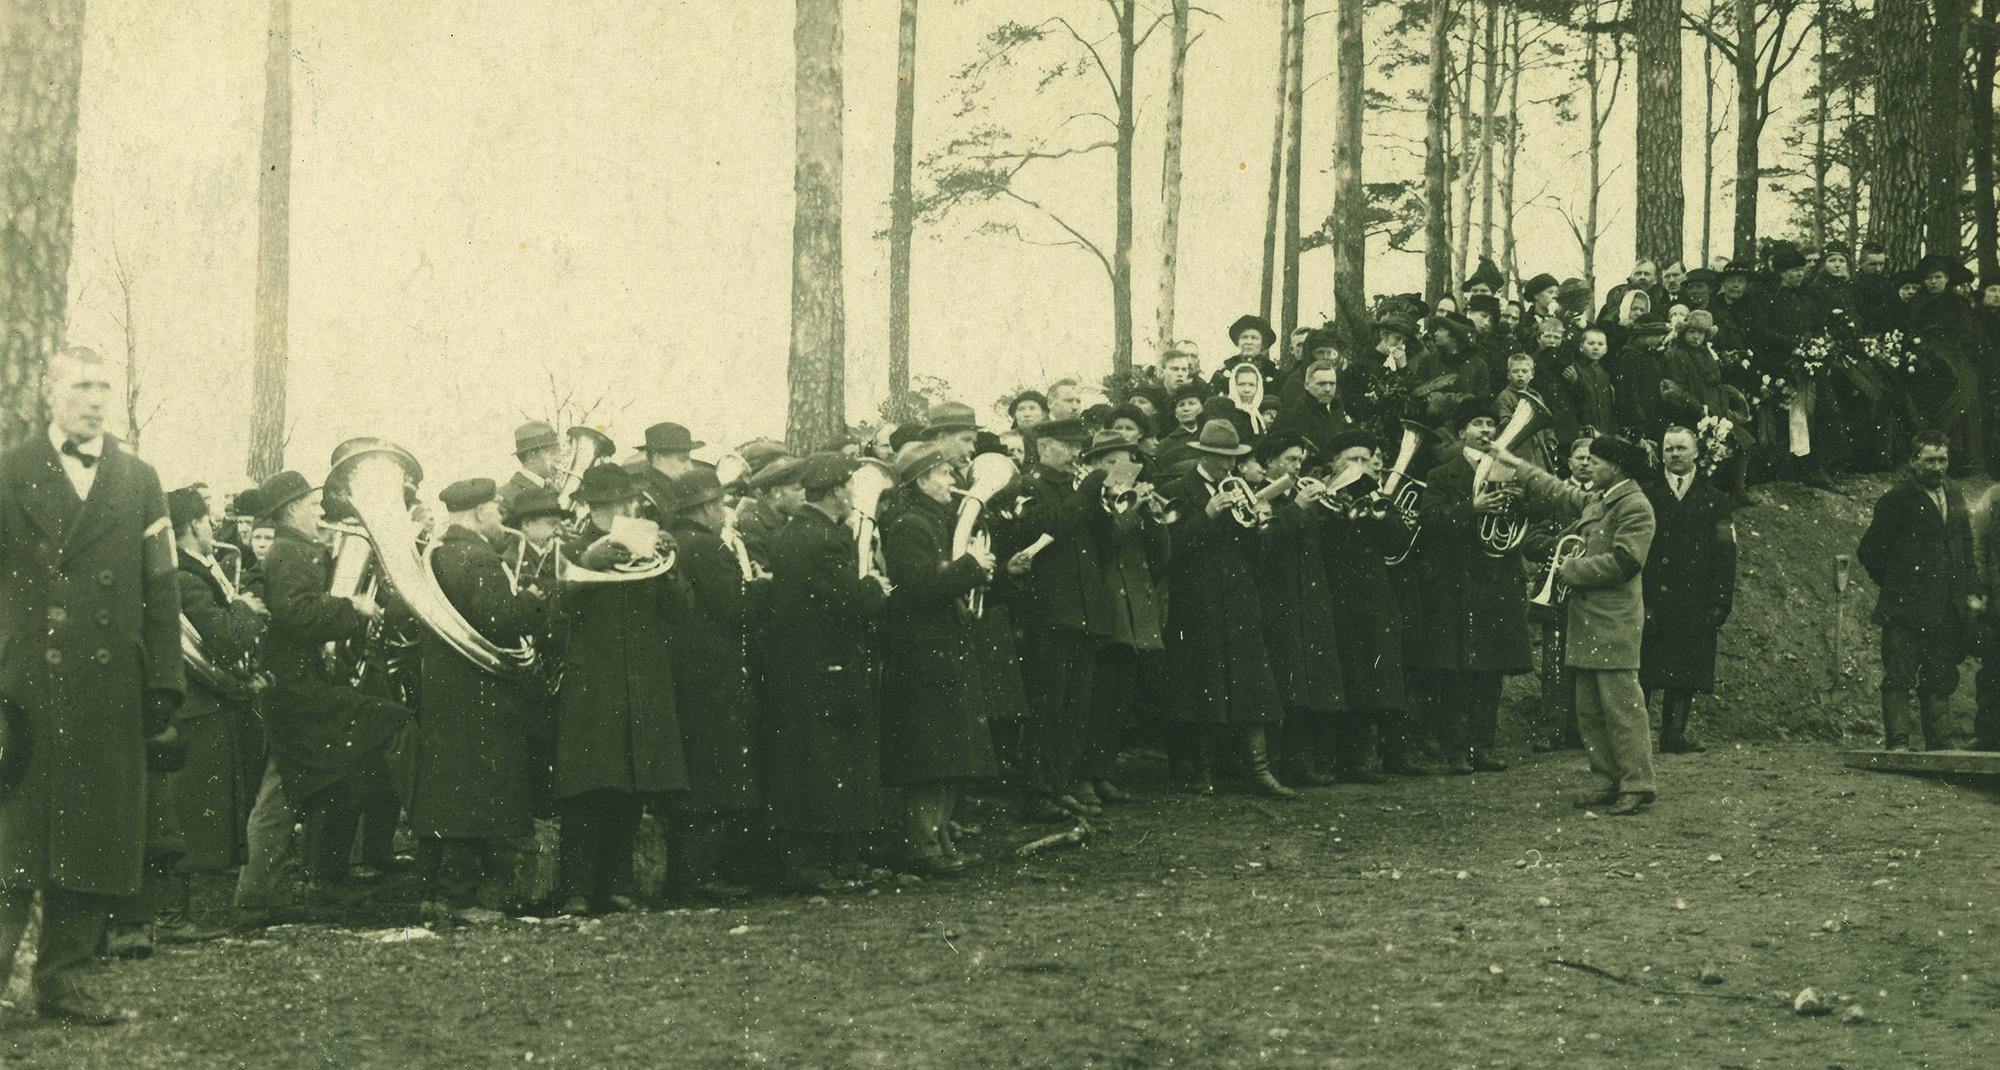 x Punakaartilaisten hautaus Helsingin Mäntymäellä 1918 keväällä TA10362_2000px